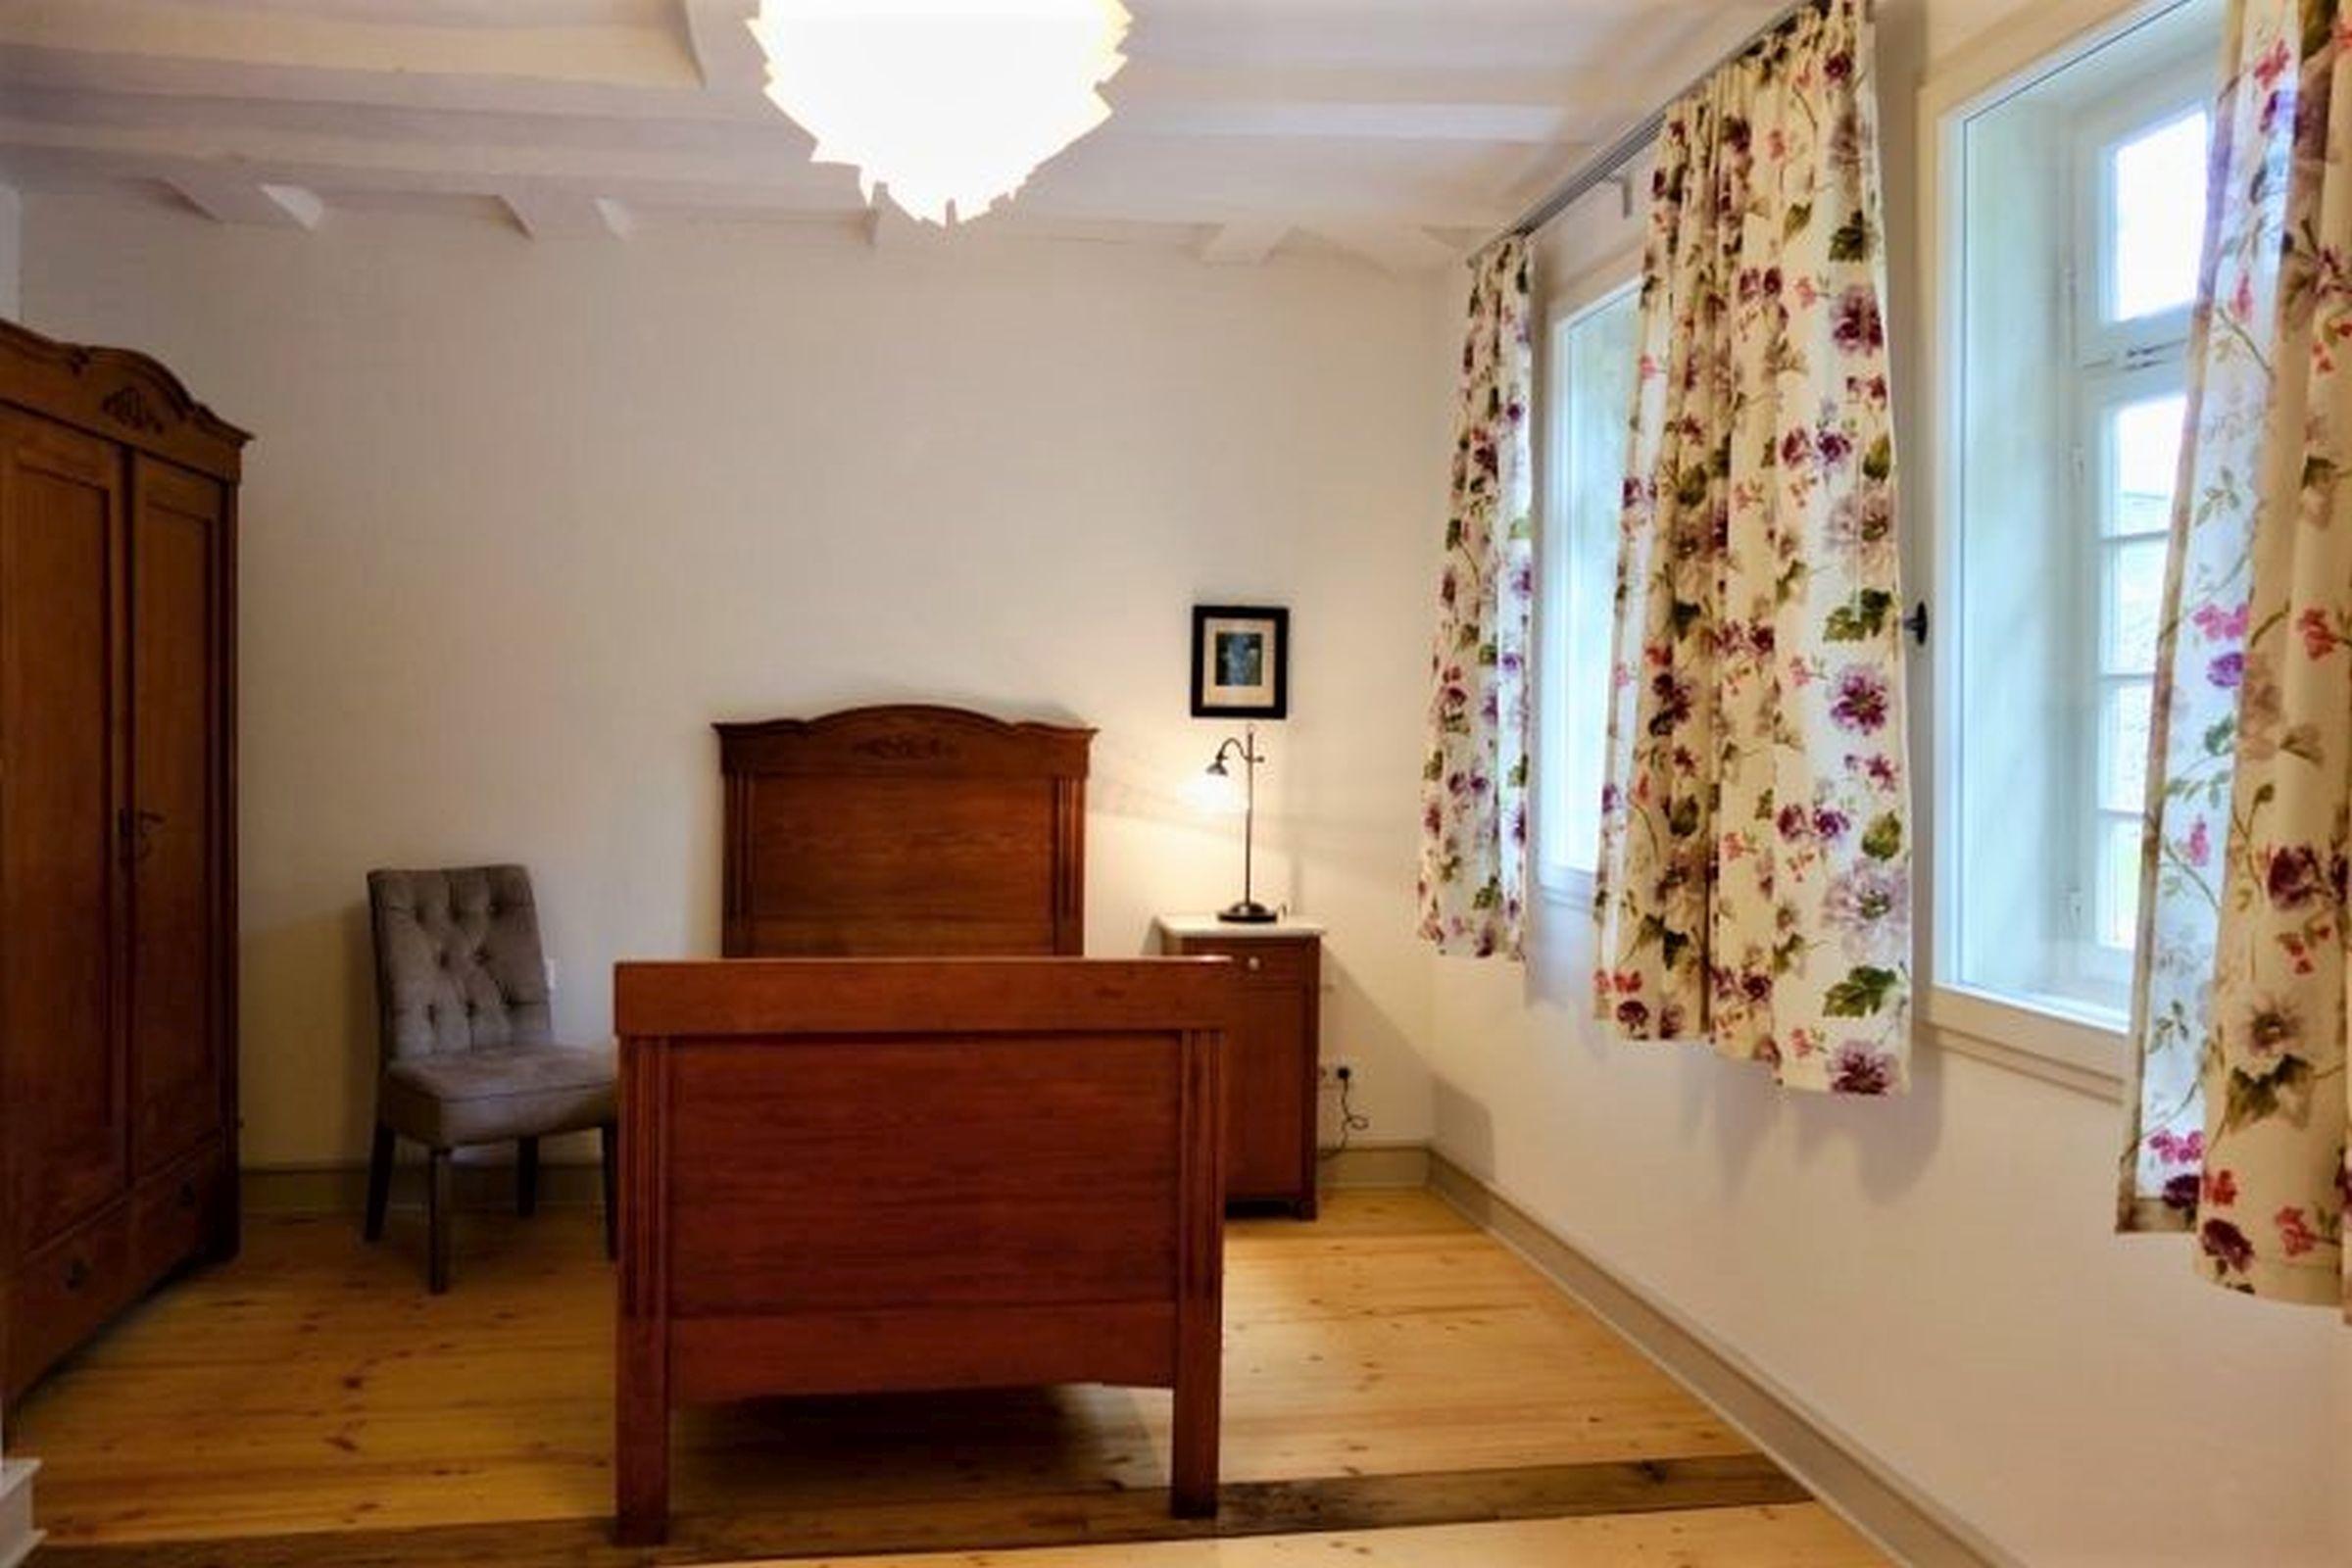 Ferienhaus Gutshof Gästehaus (Frielendorf). Historisches Schäferhaus, 70qm, Terrasse, 1 Schlafzimmer, (2546851), Frielendorf, Nordhessen, Hessen, Deutschland, Bild 24